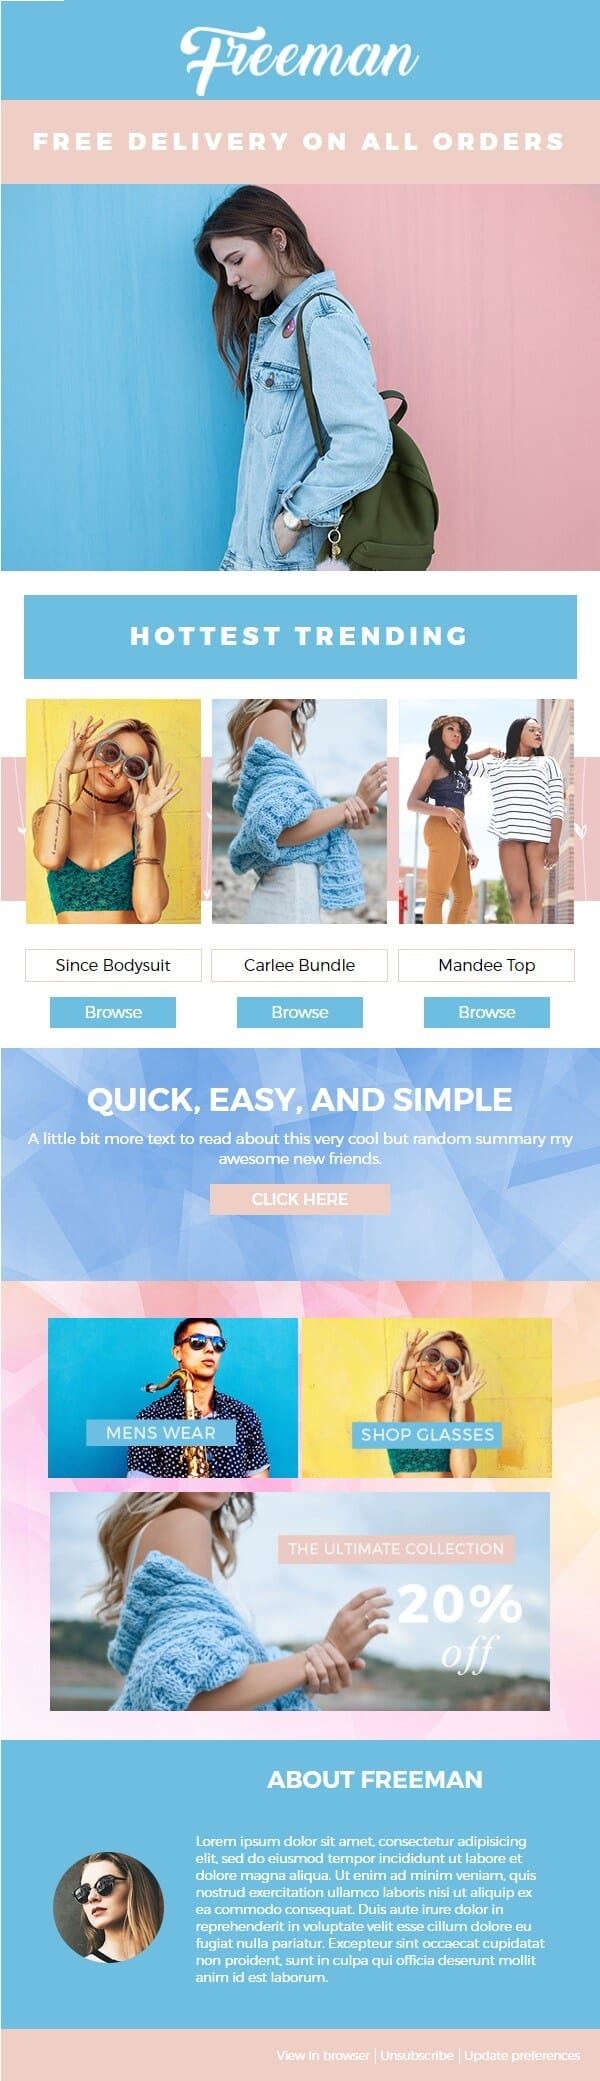 Freeman Fashion Premium Mailchimp Email Newsletter Template